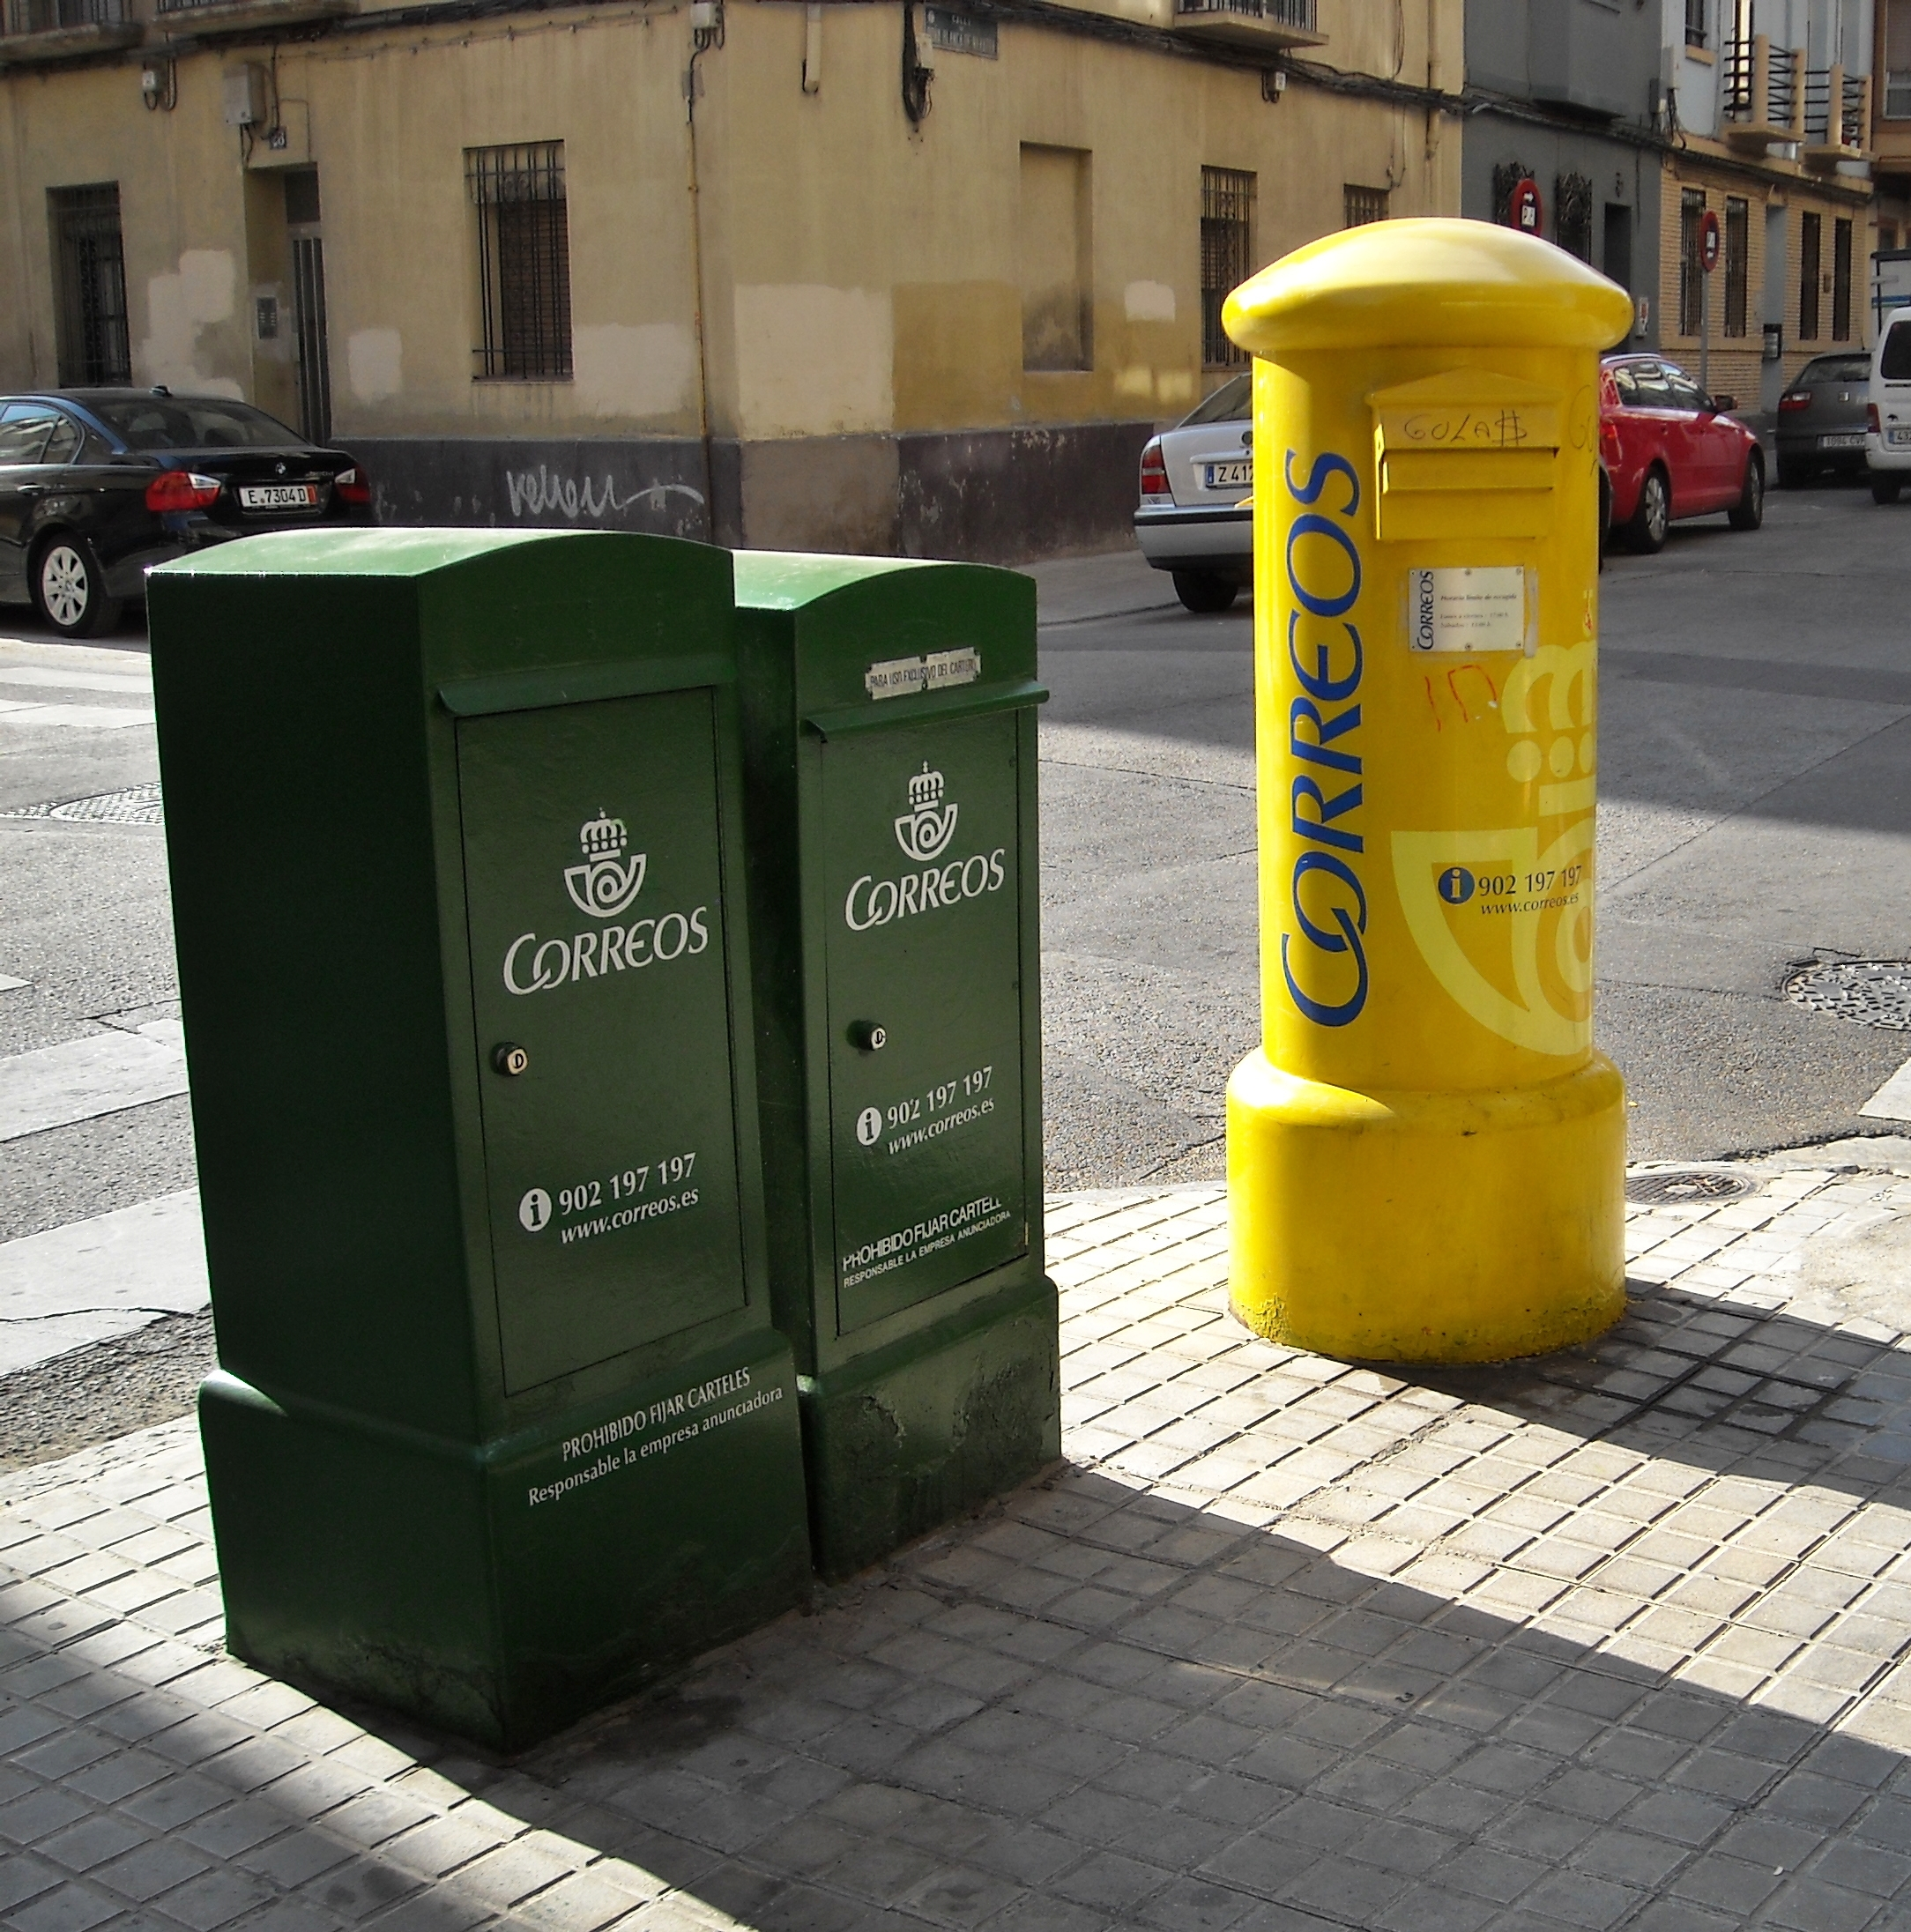 La recepción de documentos importantes por vecinos.